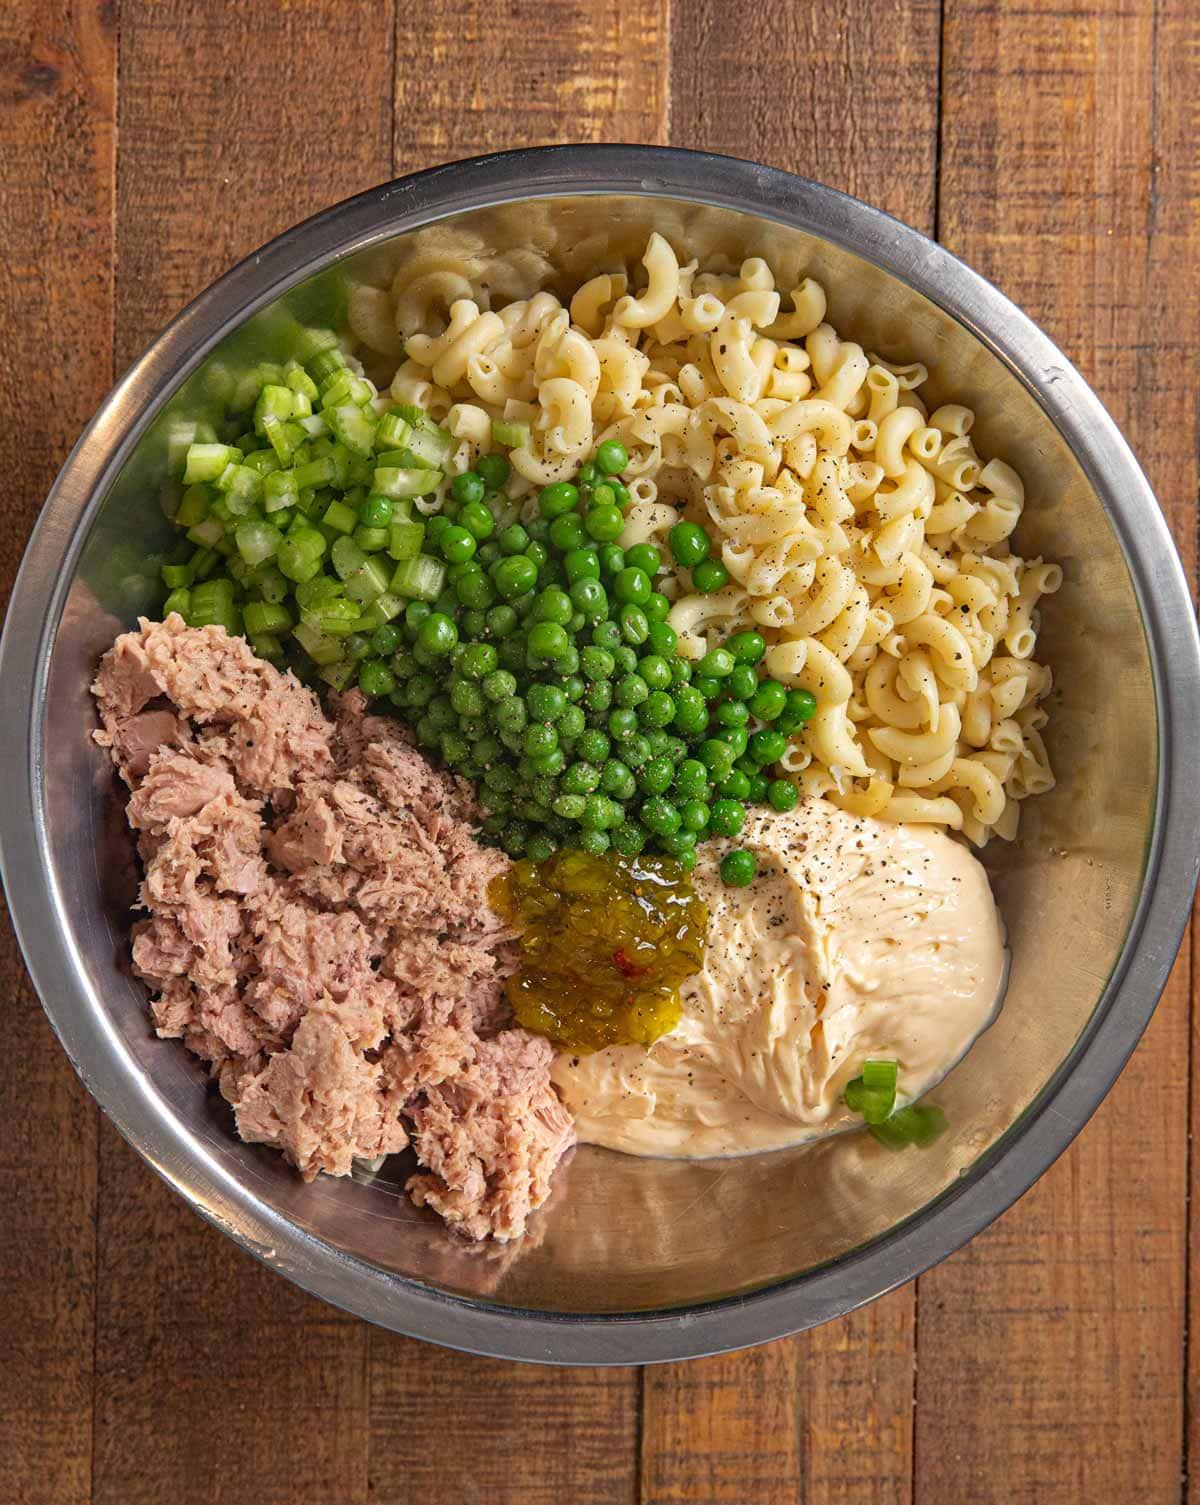 Tuna Pasta Salad ingredients in metal mixing bowl